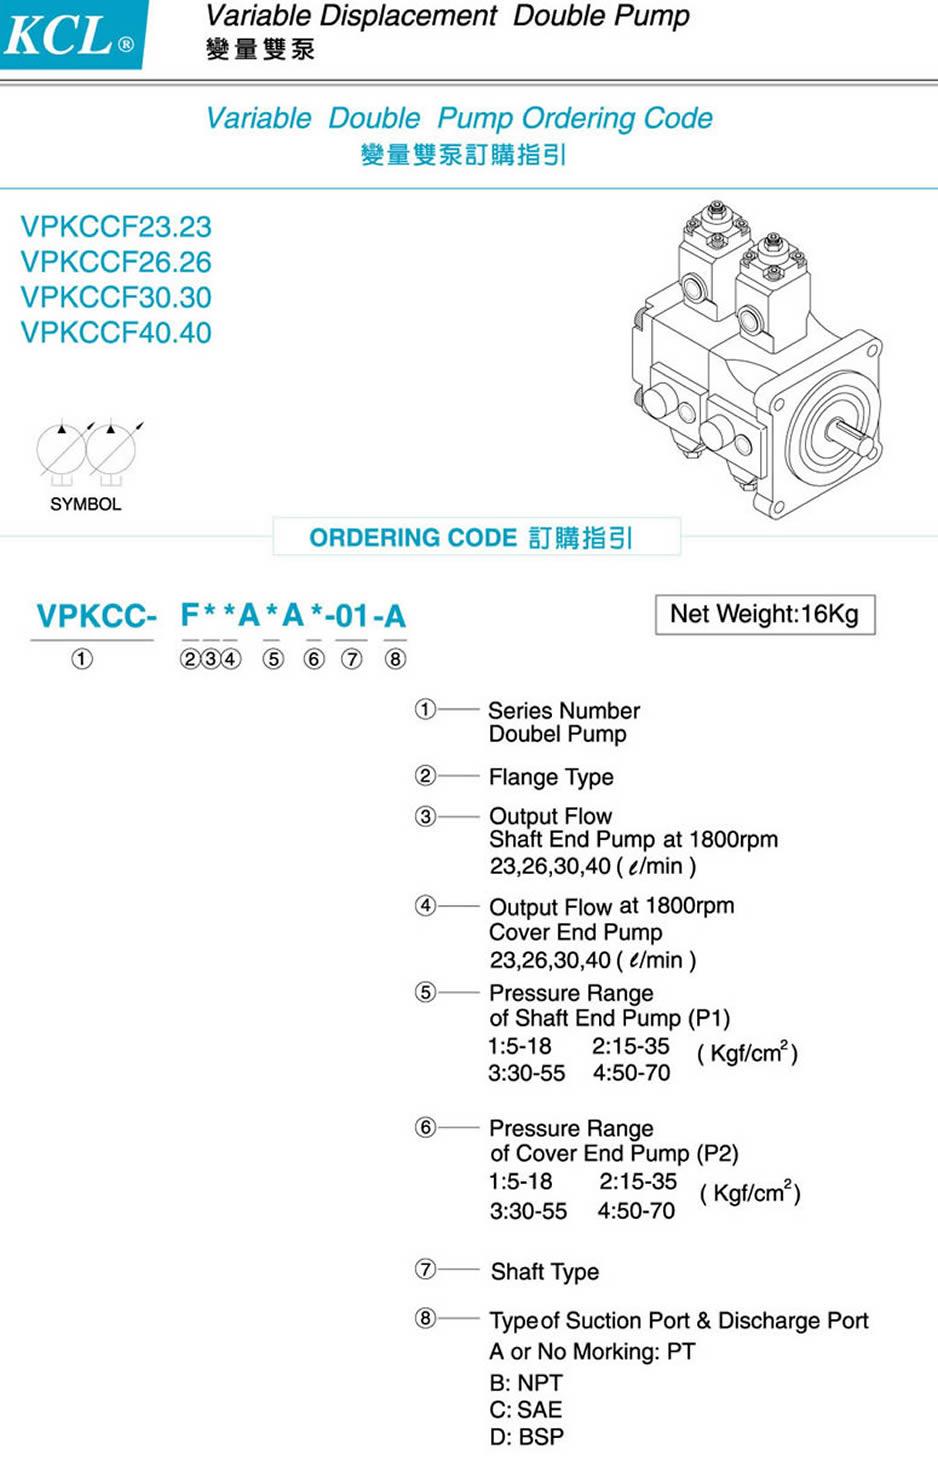 台湾凯嘉双联变量泵型号说明